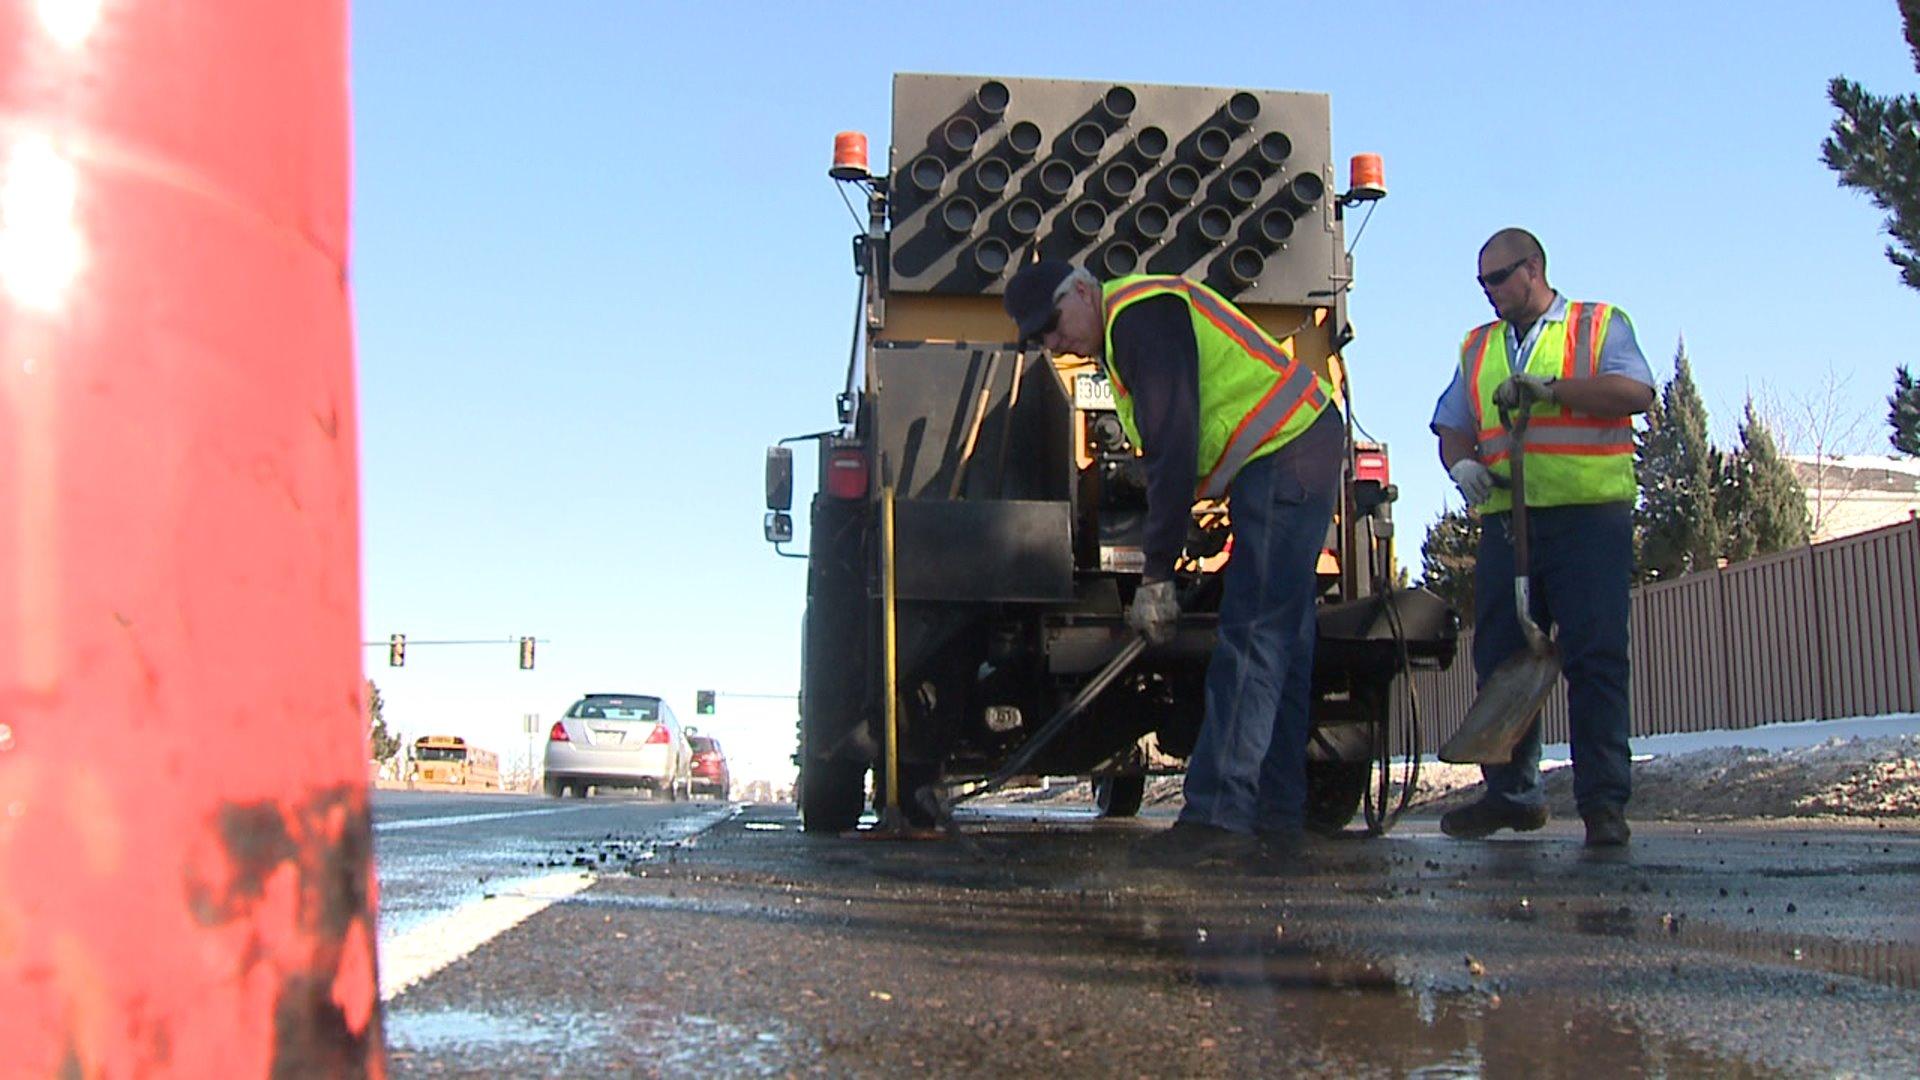 Crews fix potholes in metro Denver